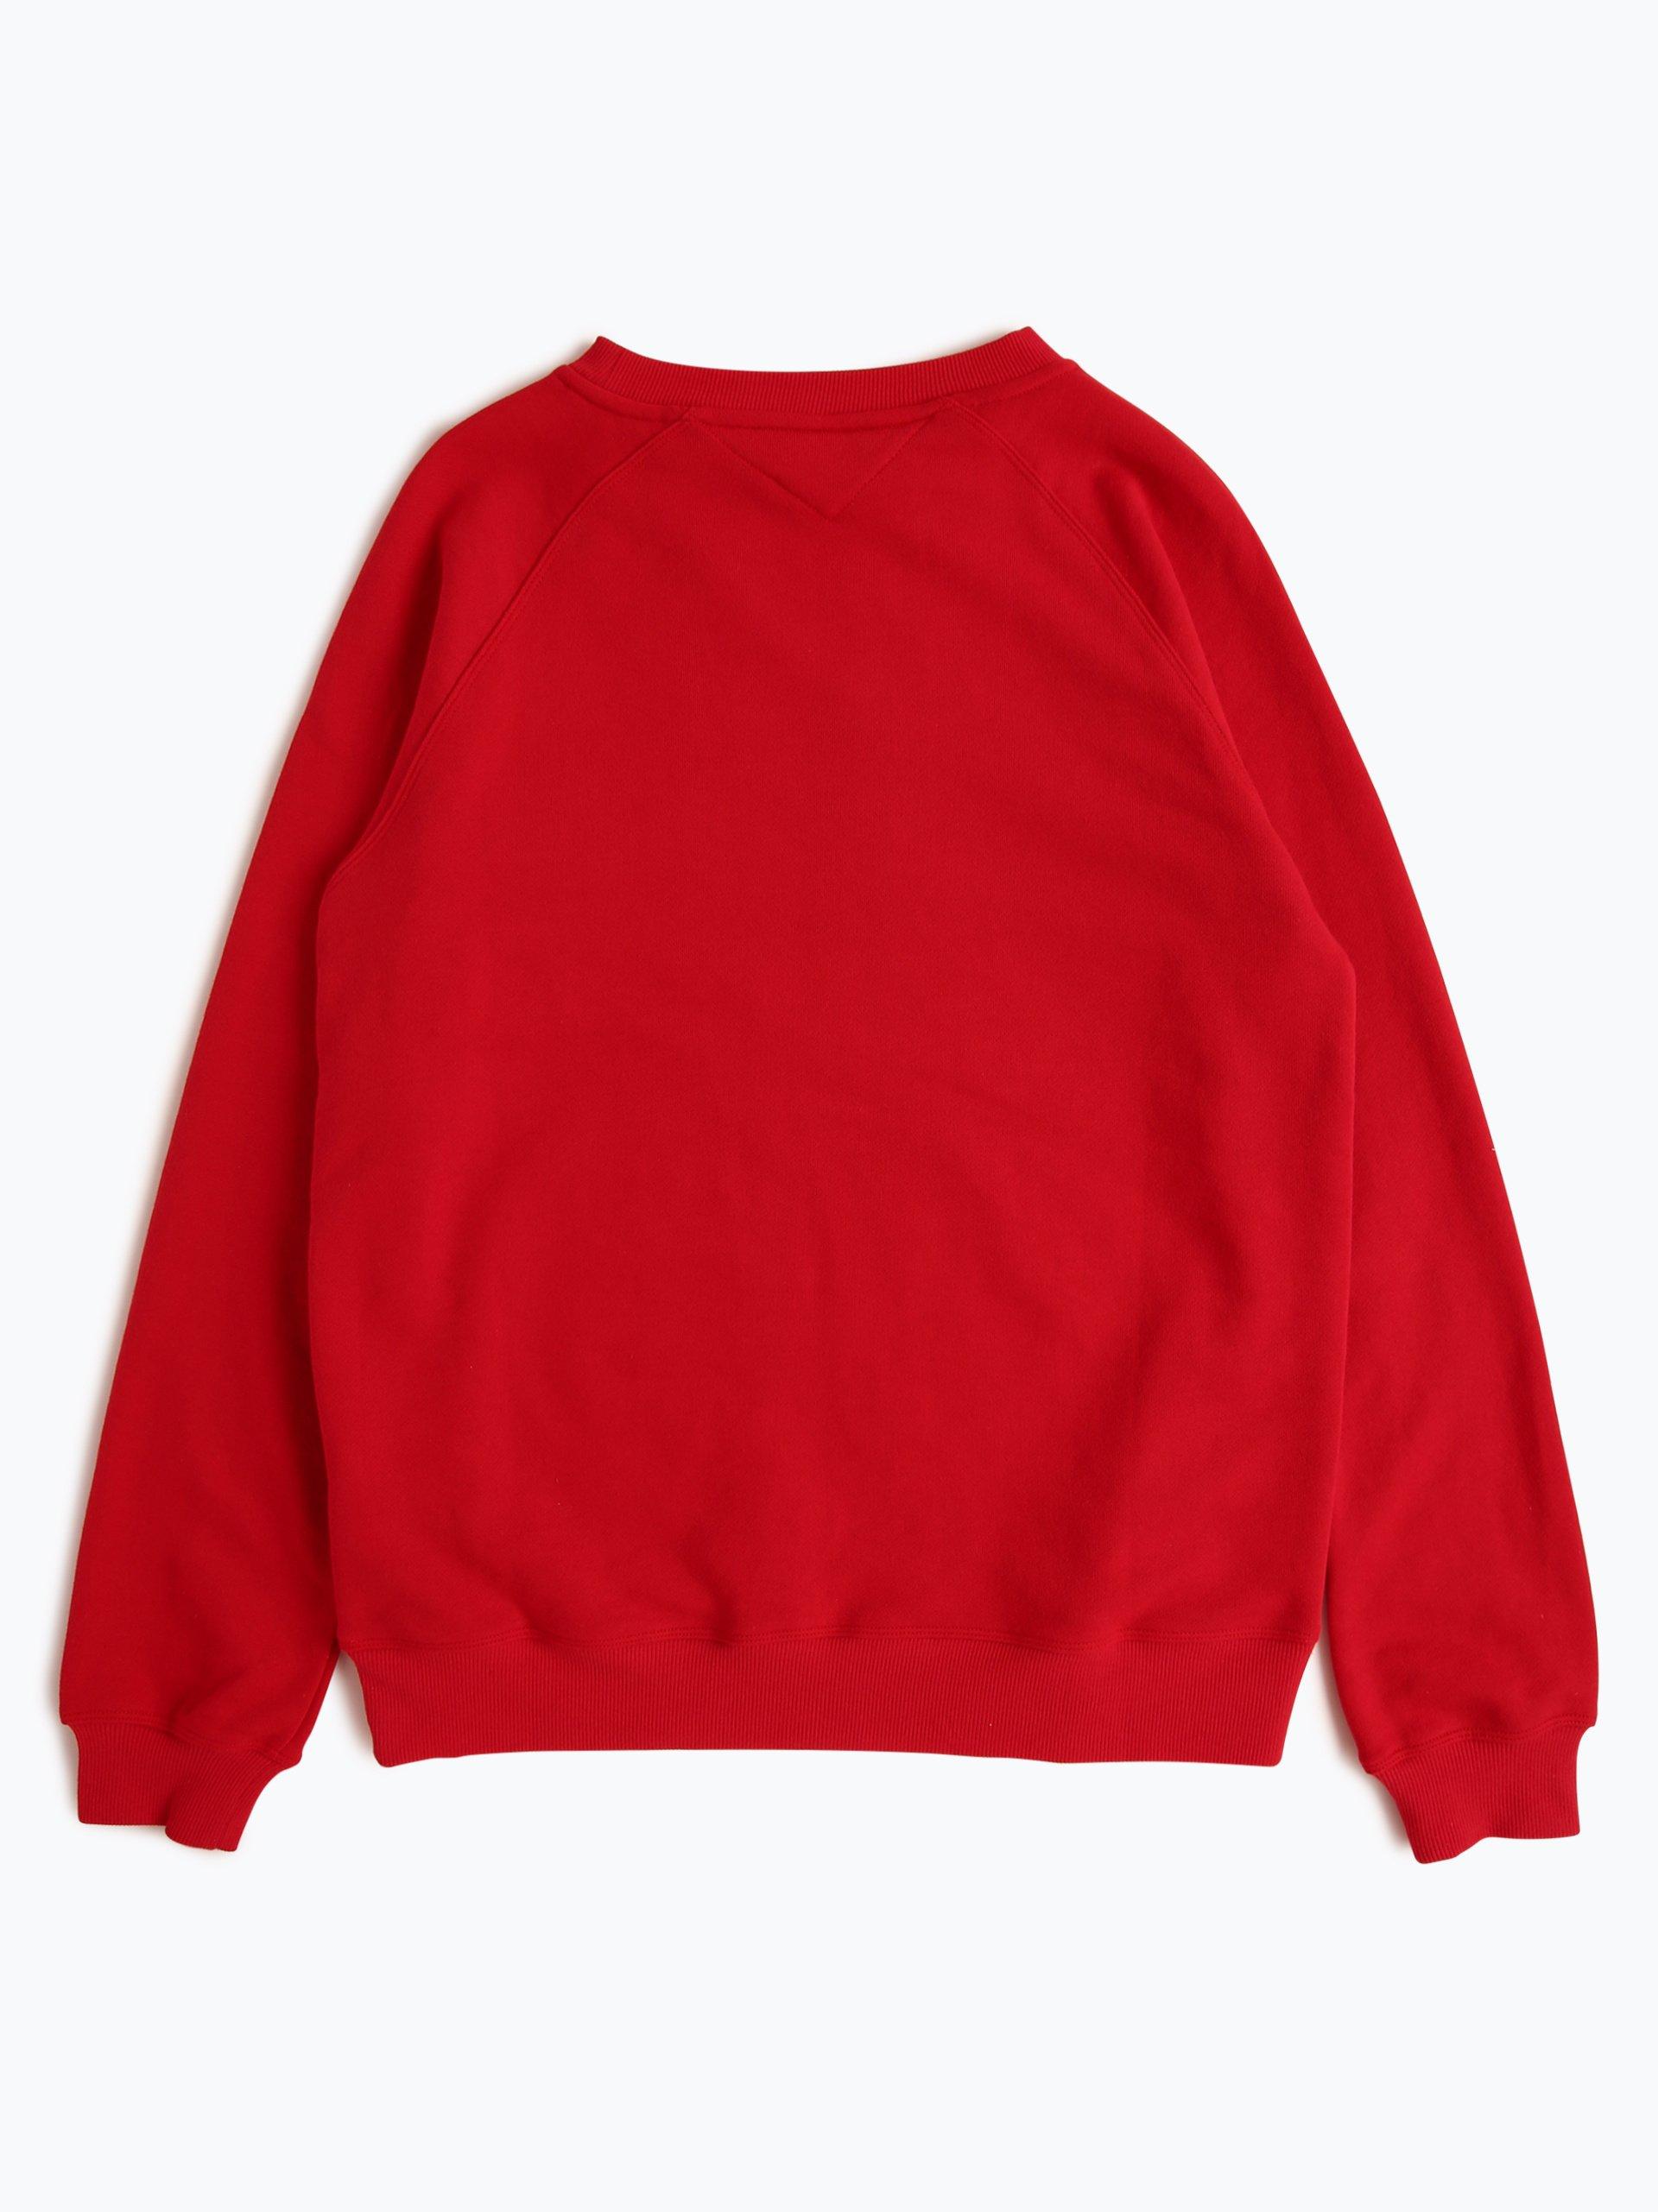 tommy hilfiger damen pyjama shirt rot uni online kaufen. Black Bedroom Furniture Sets. Home Design Ideas